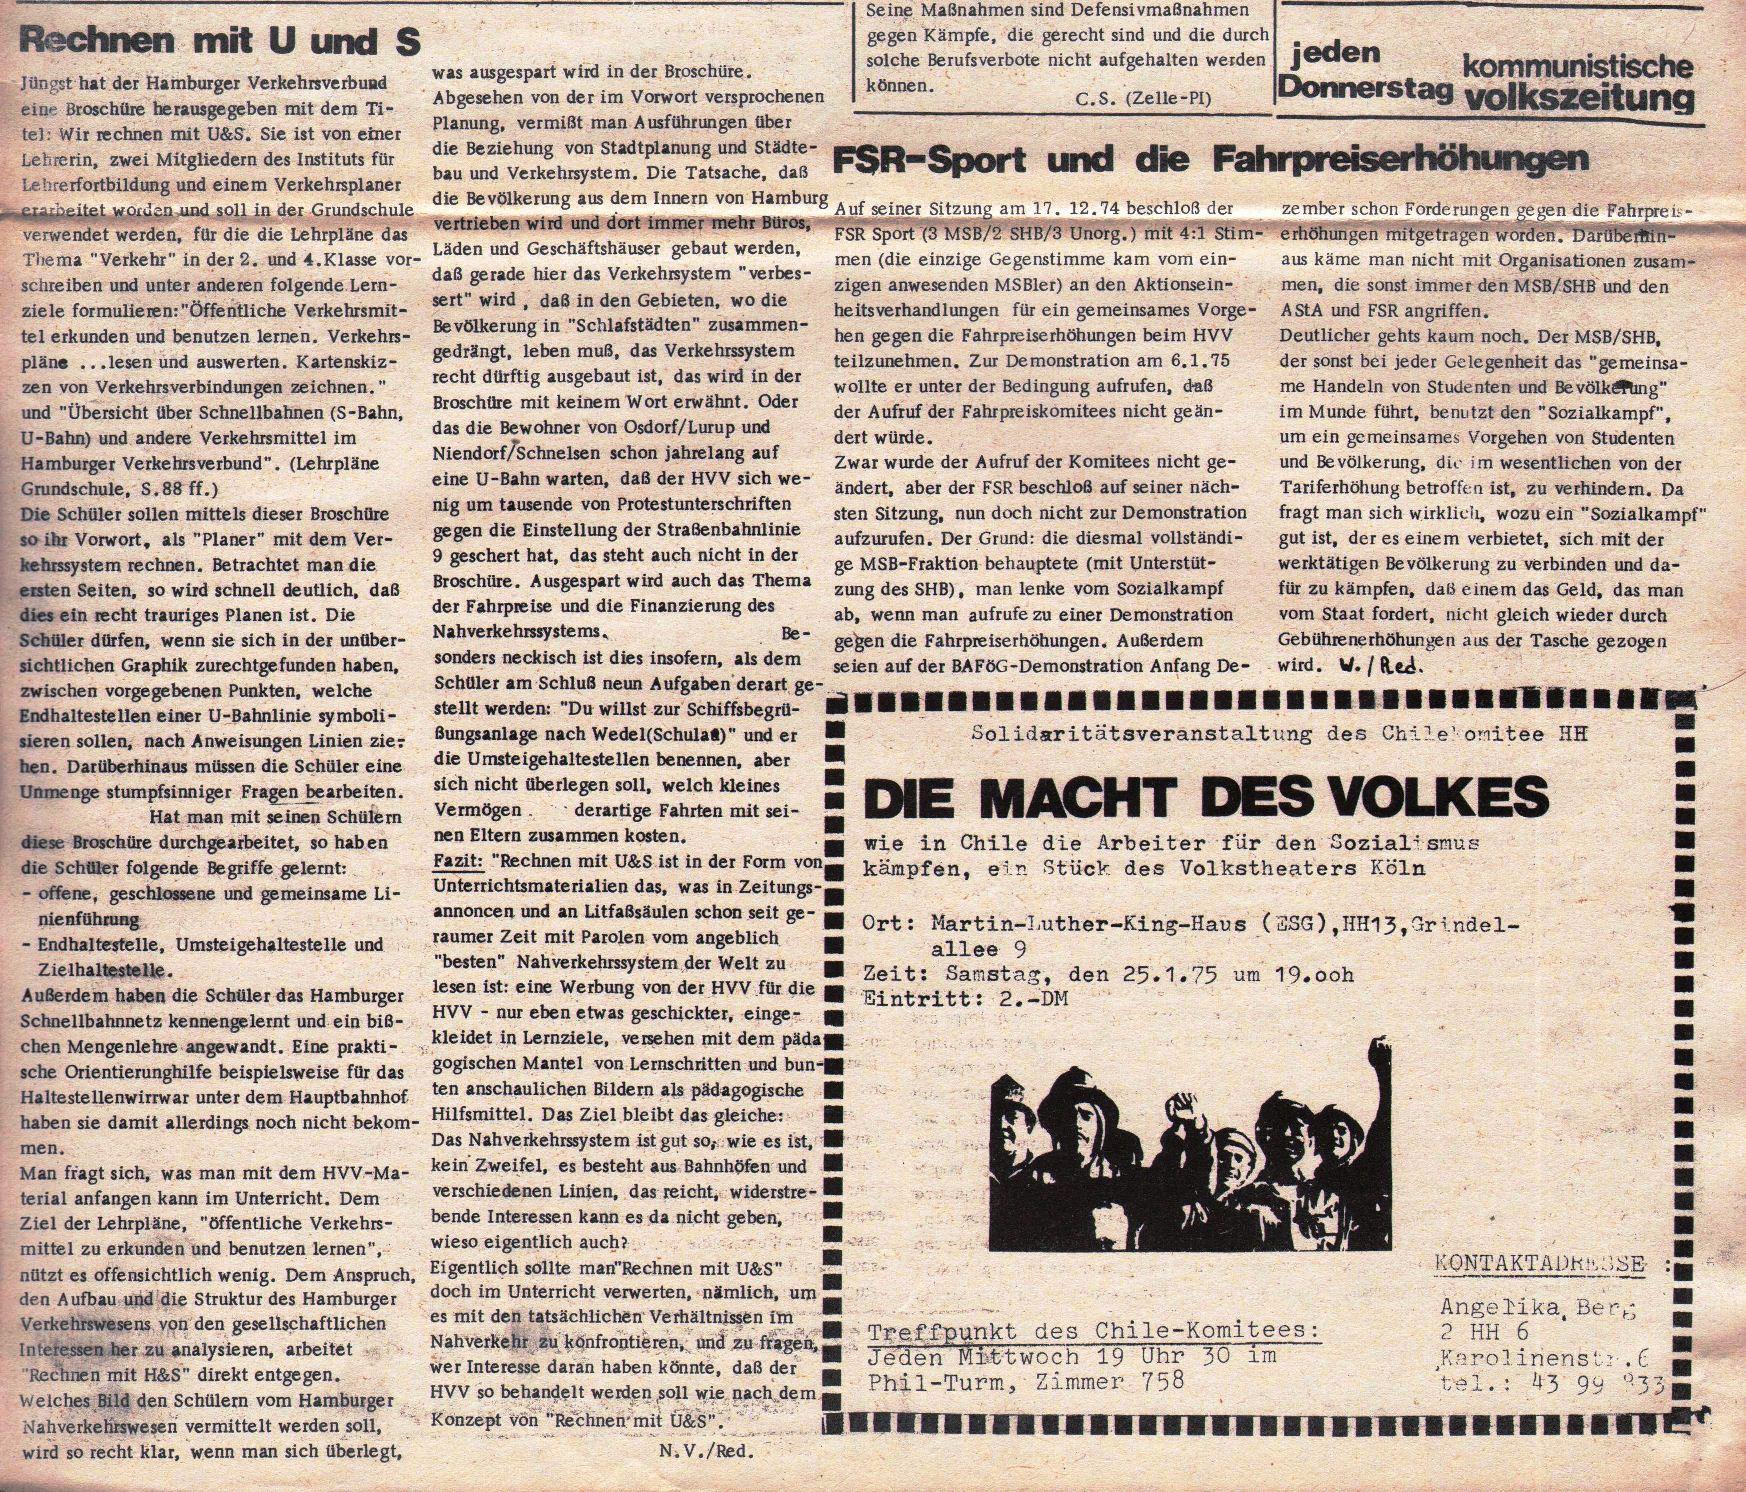 Hamburg_Rote_Presse463